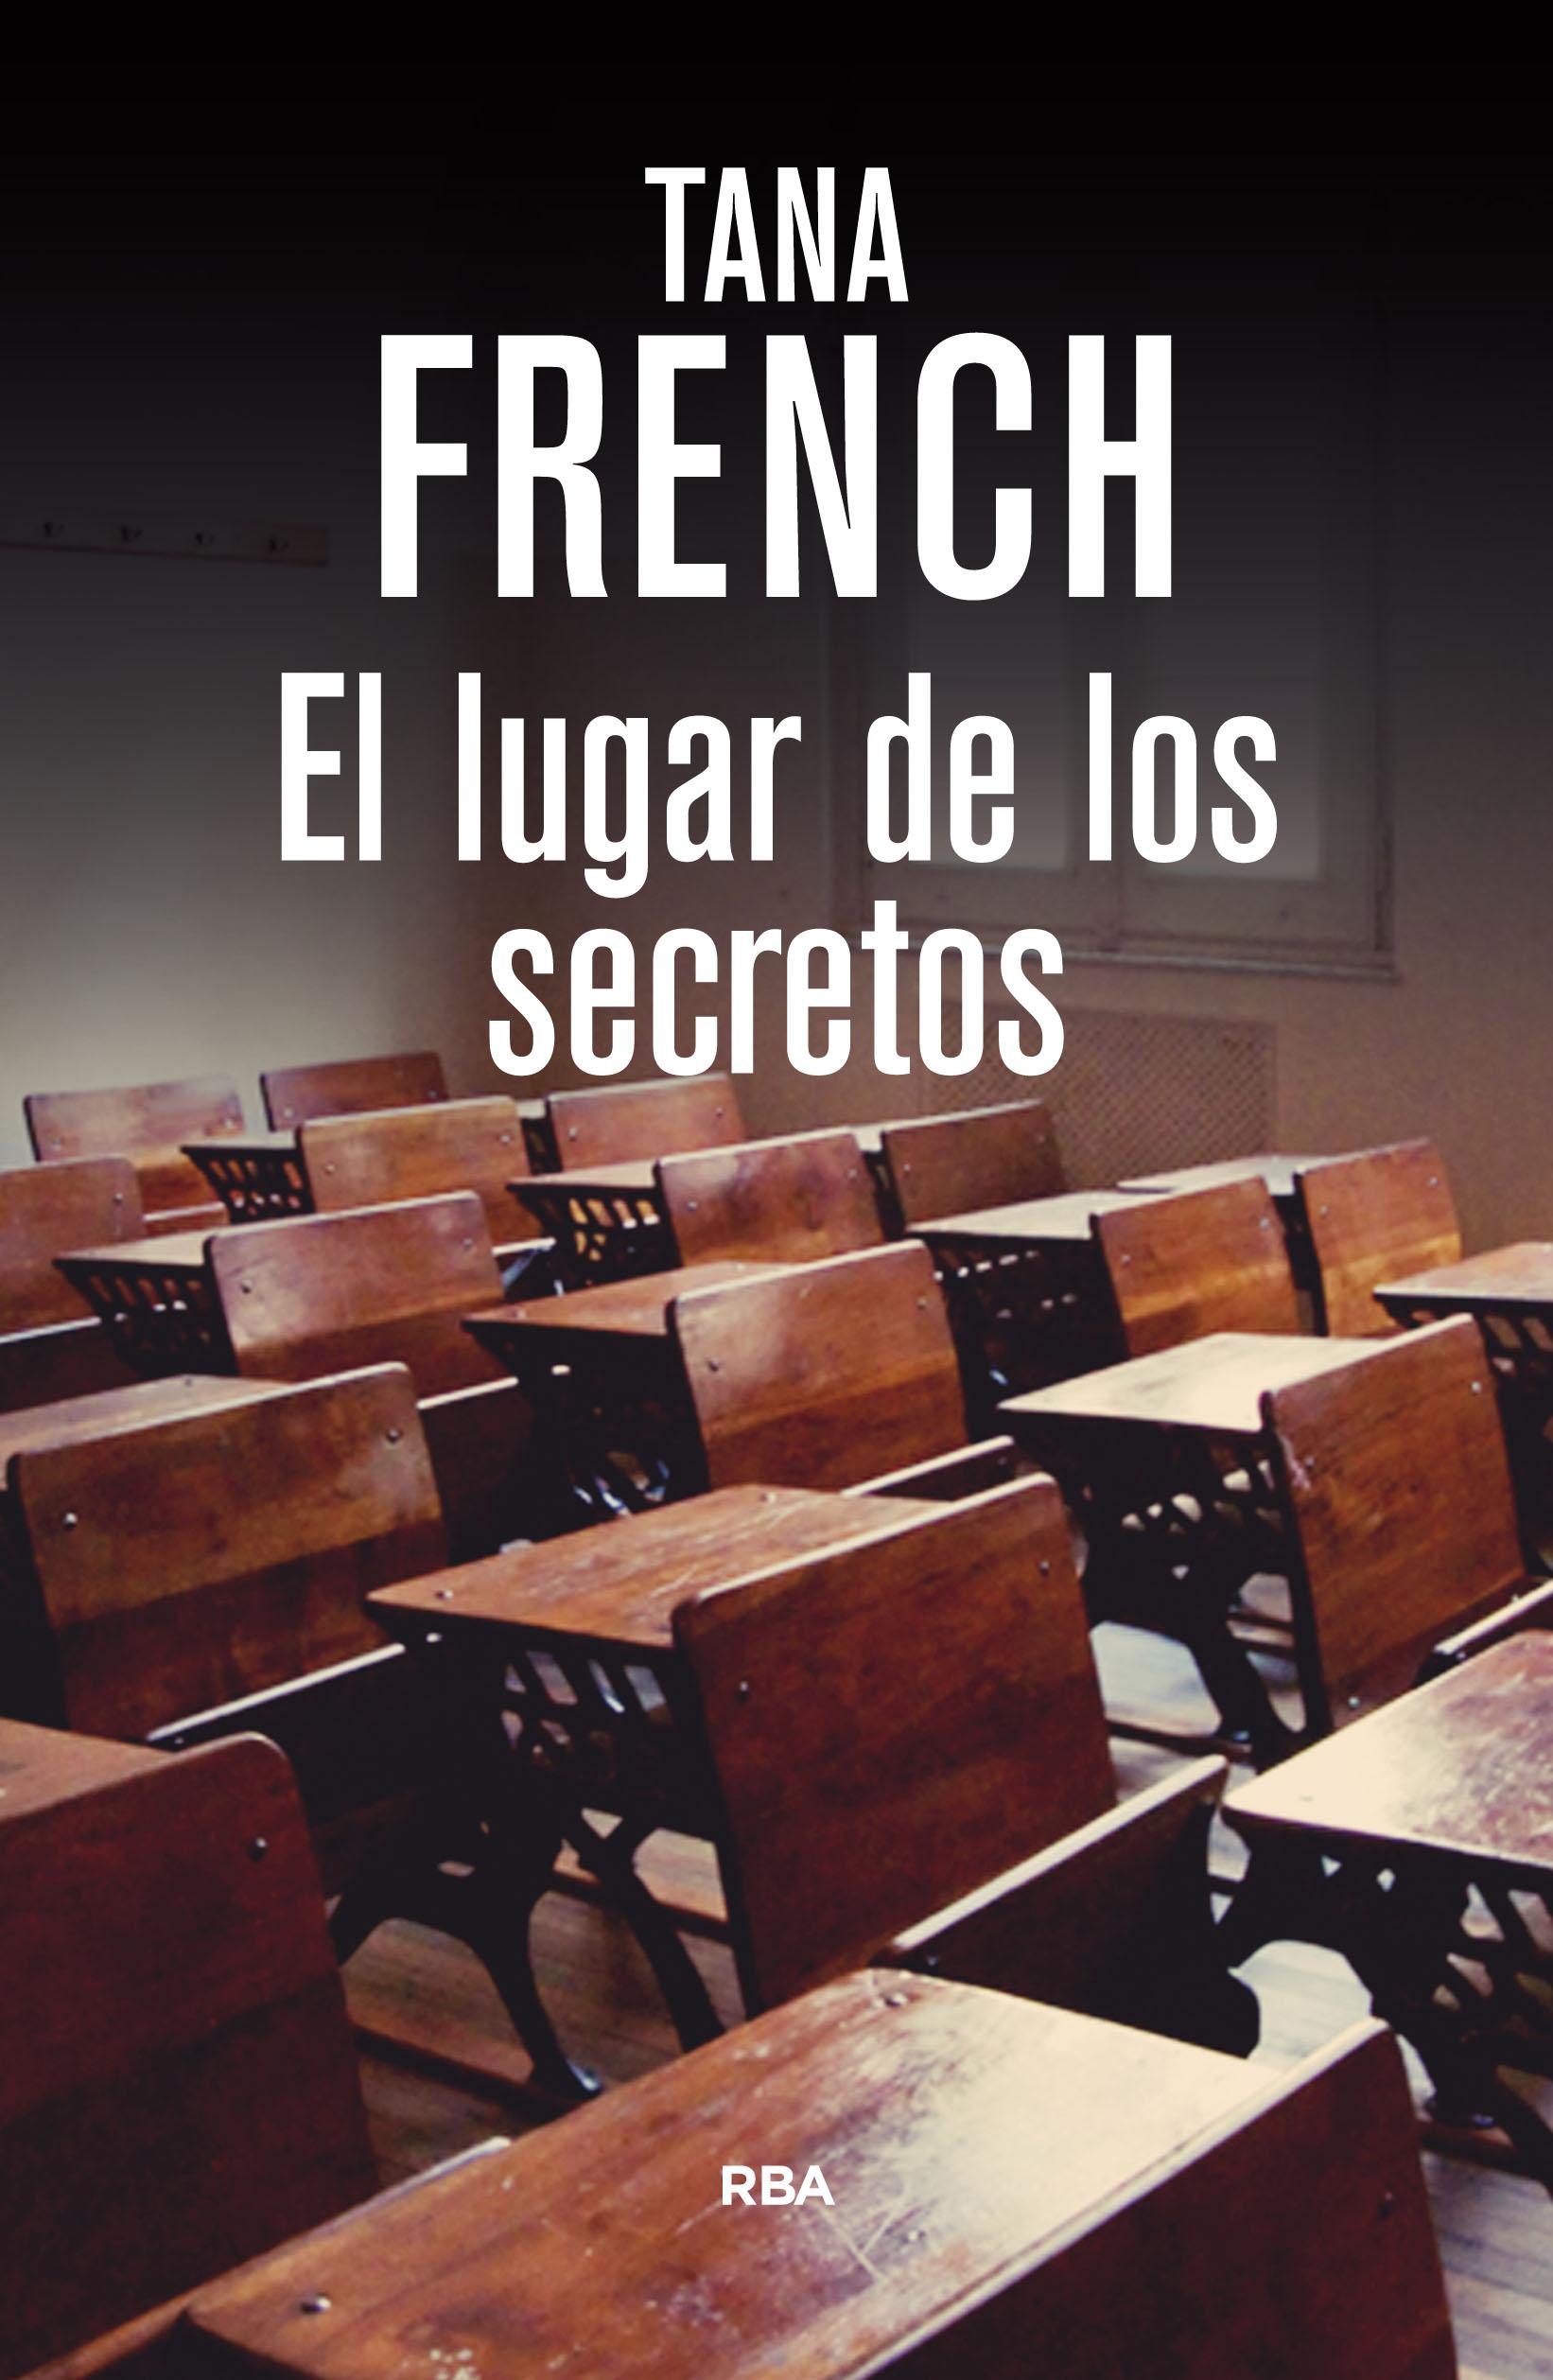 El lugar de los secretos - Tana French Portada